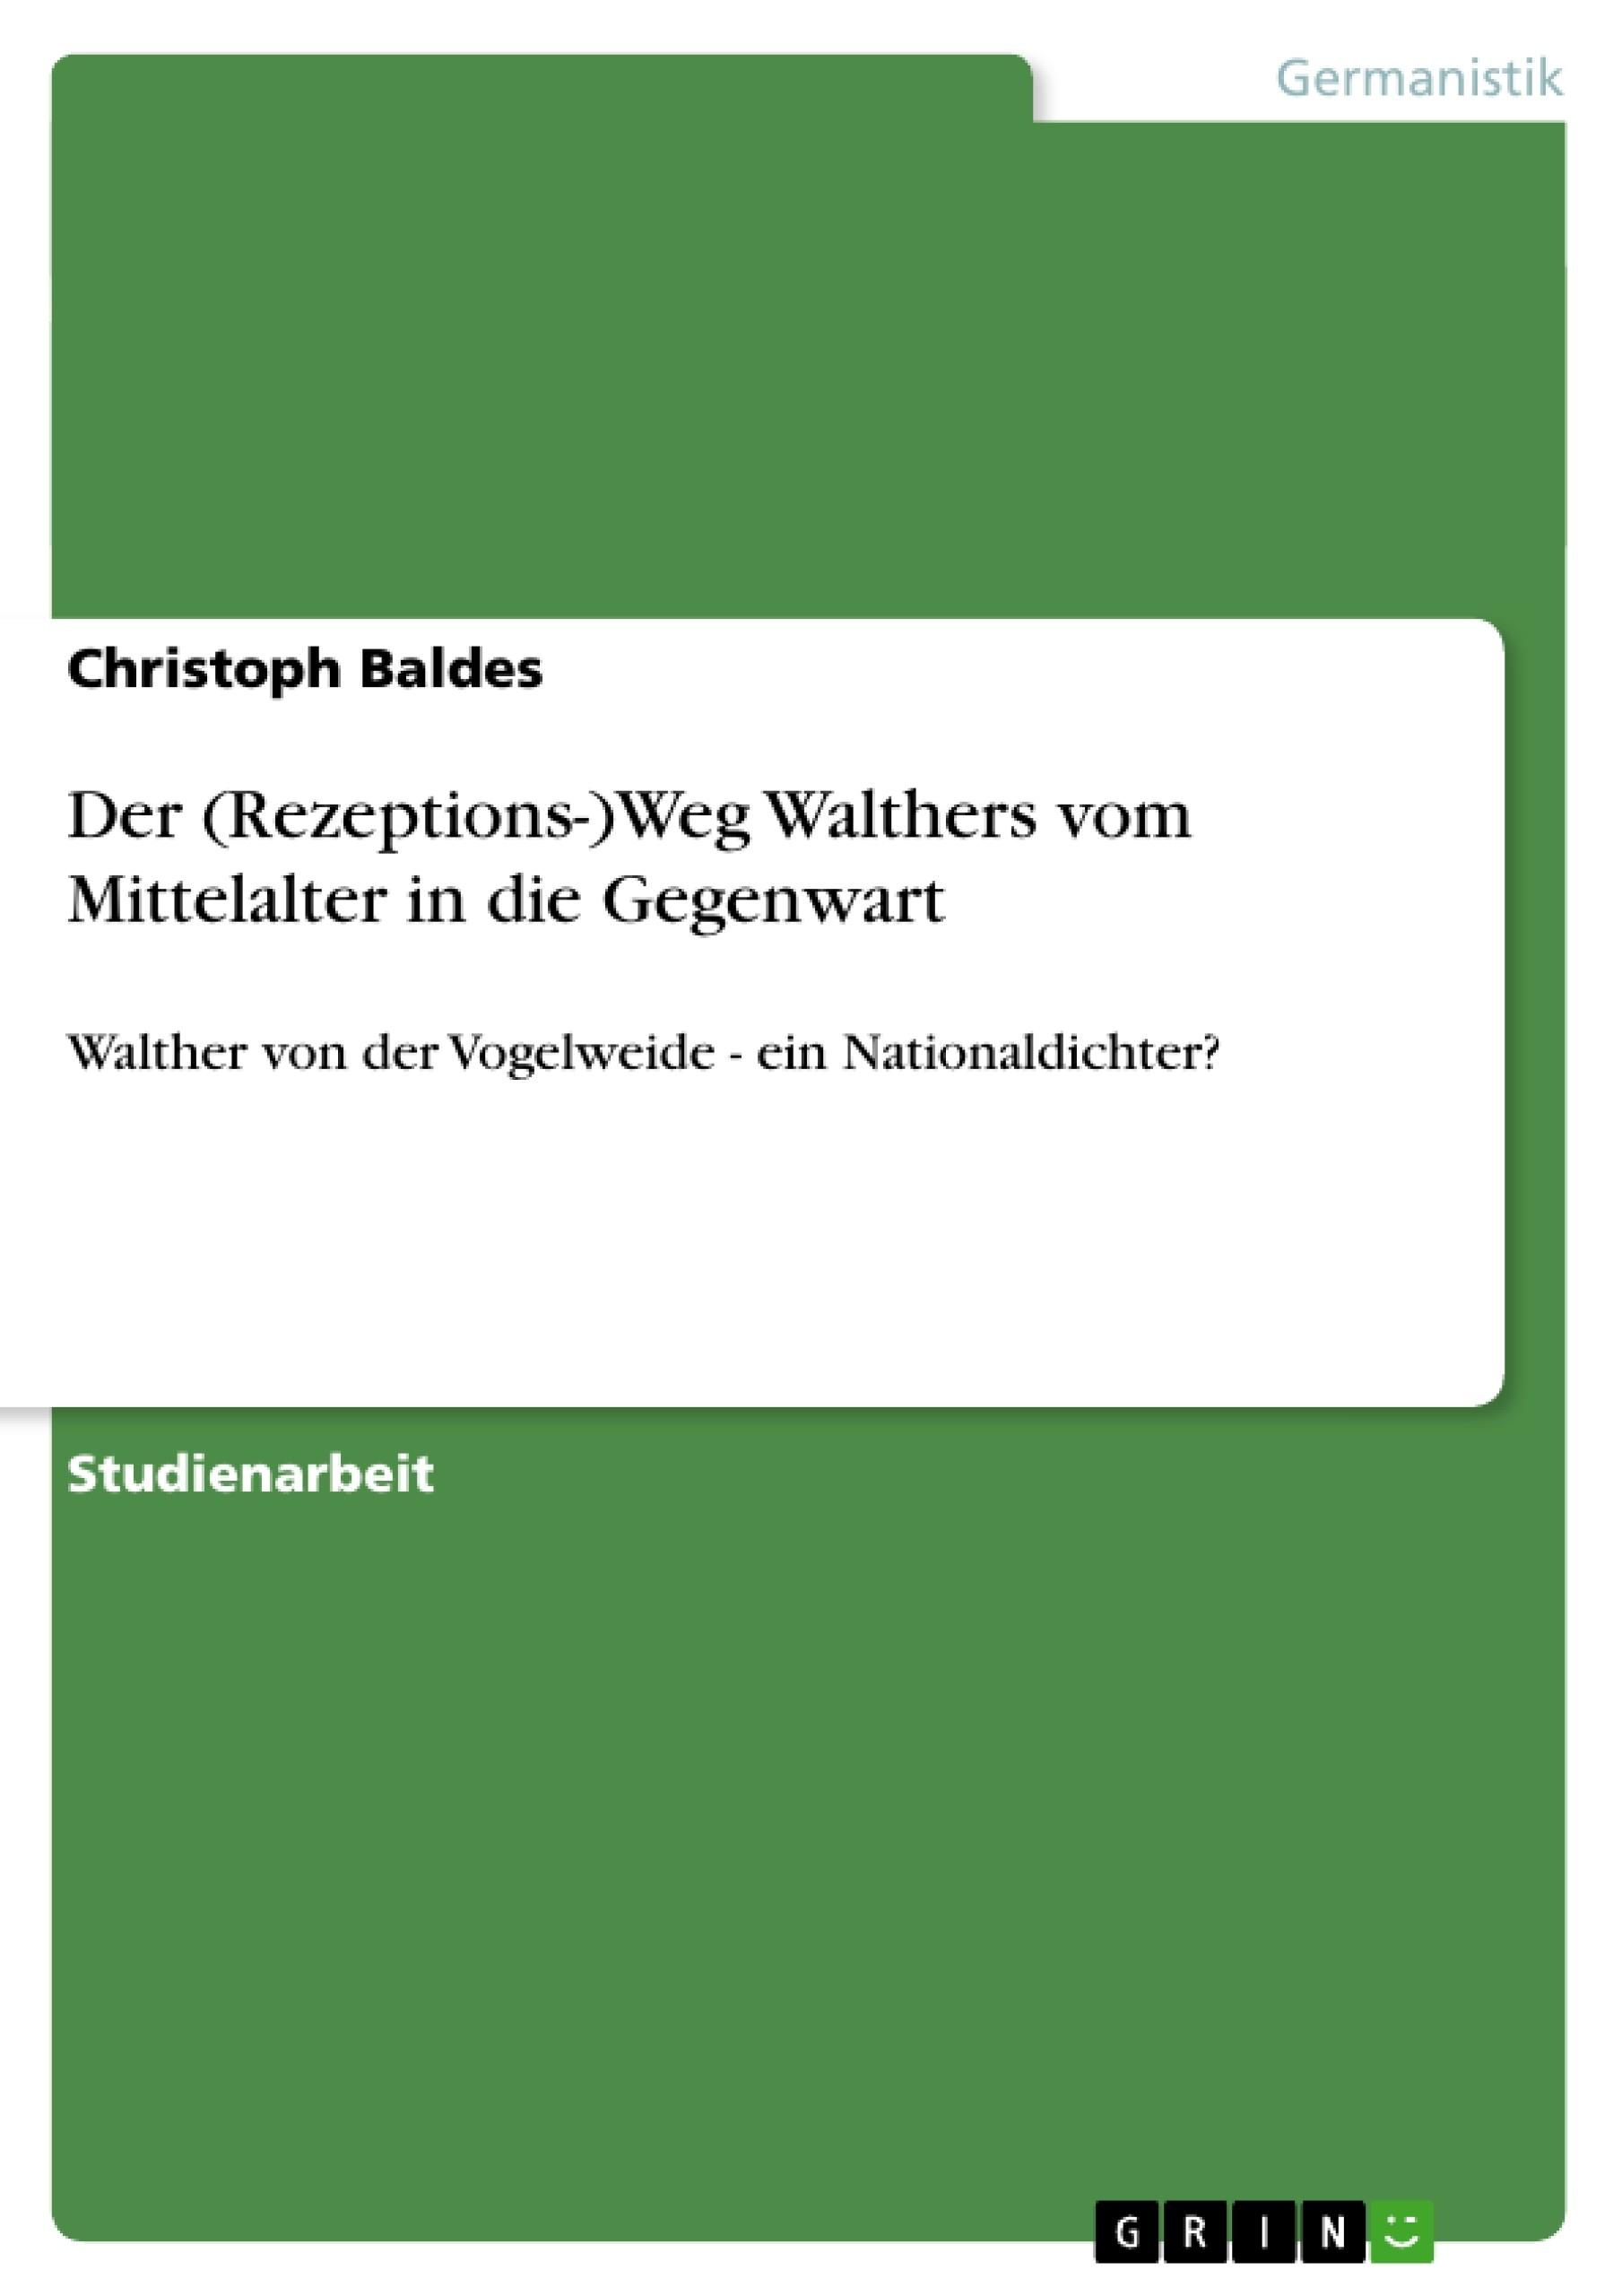 Titel: Der (Rezeptions-)Weg Walthers vom Mittelalter in die Gegenwart